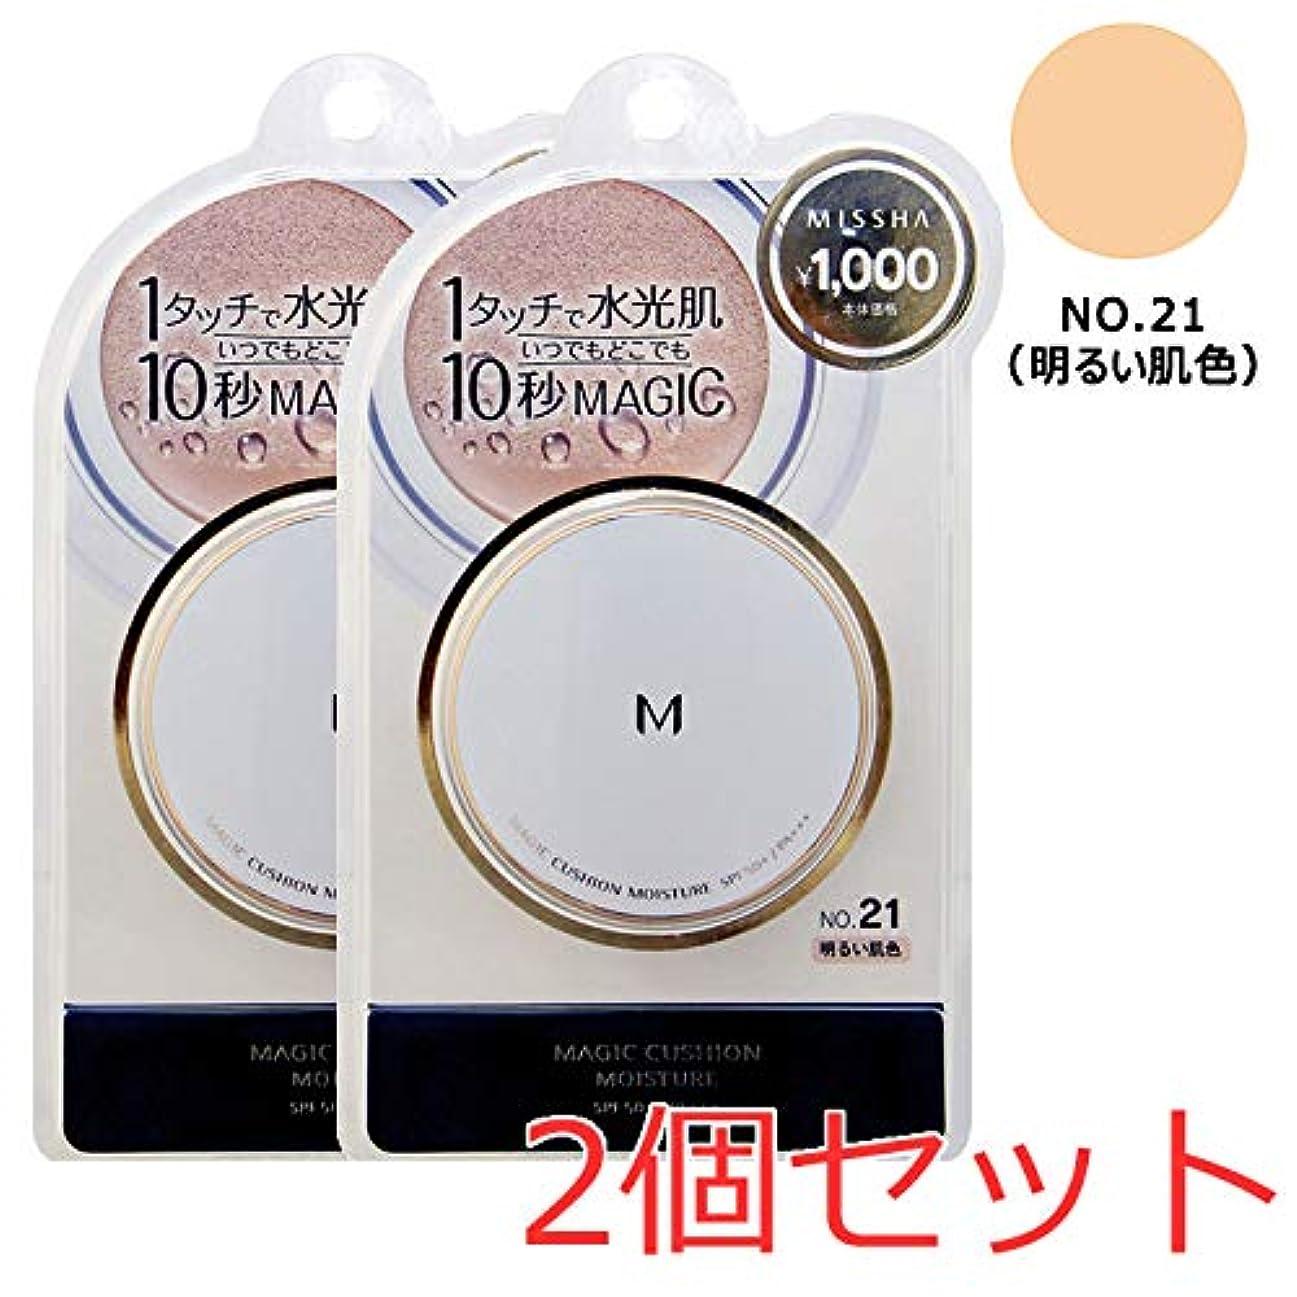 計器しなければならない残りミシャ M クッション ファンデーション (モイスチャー) No.21 明るい肌色 2個セット